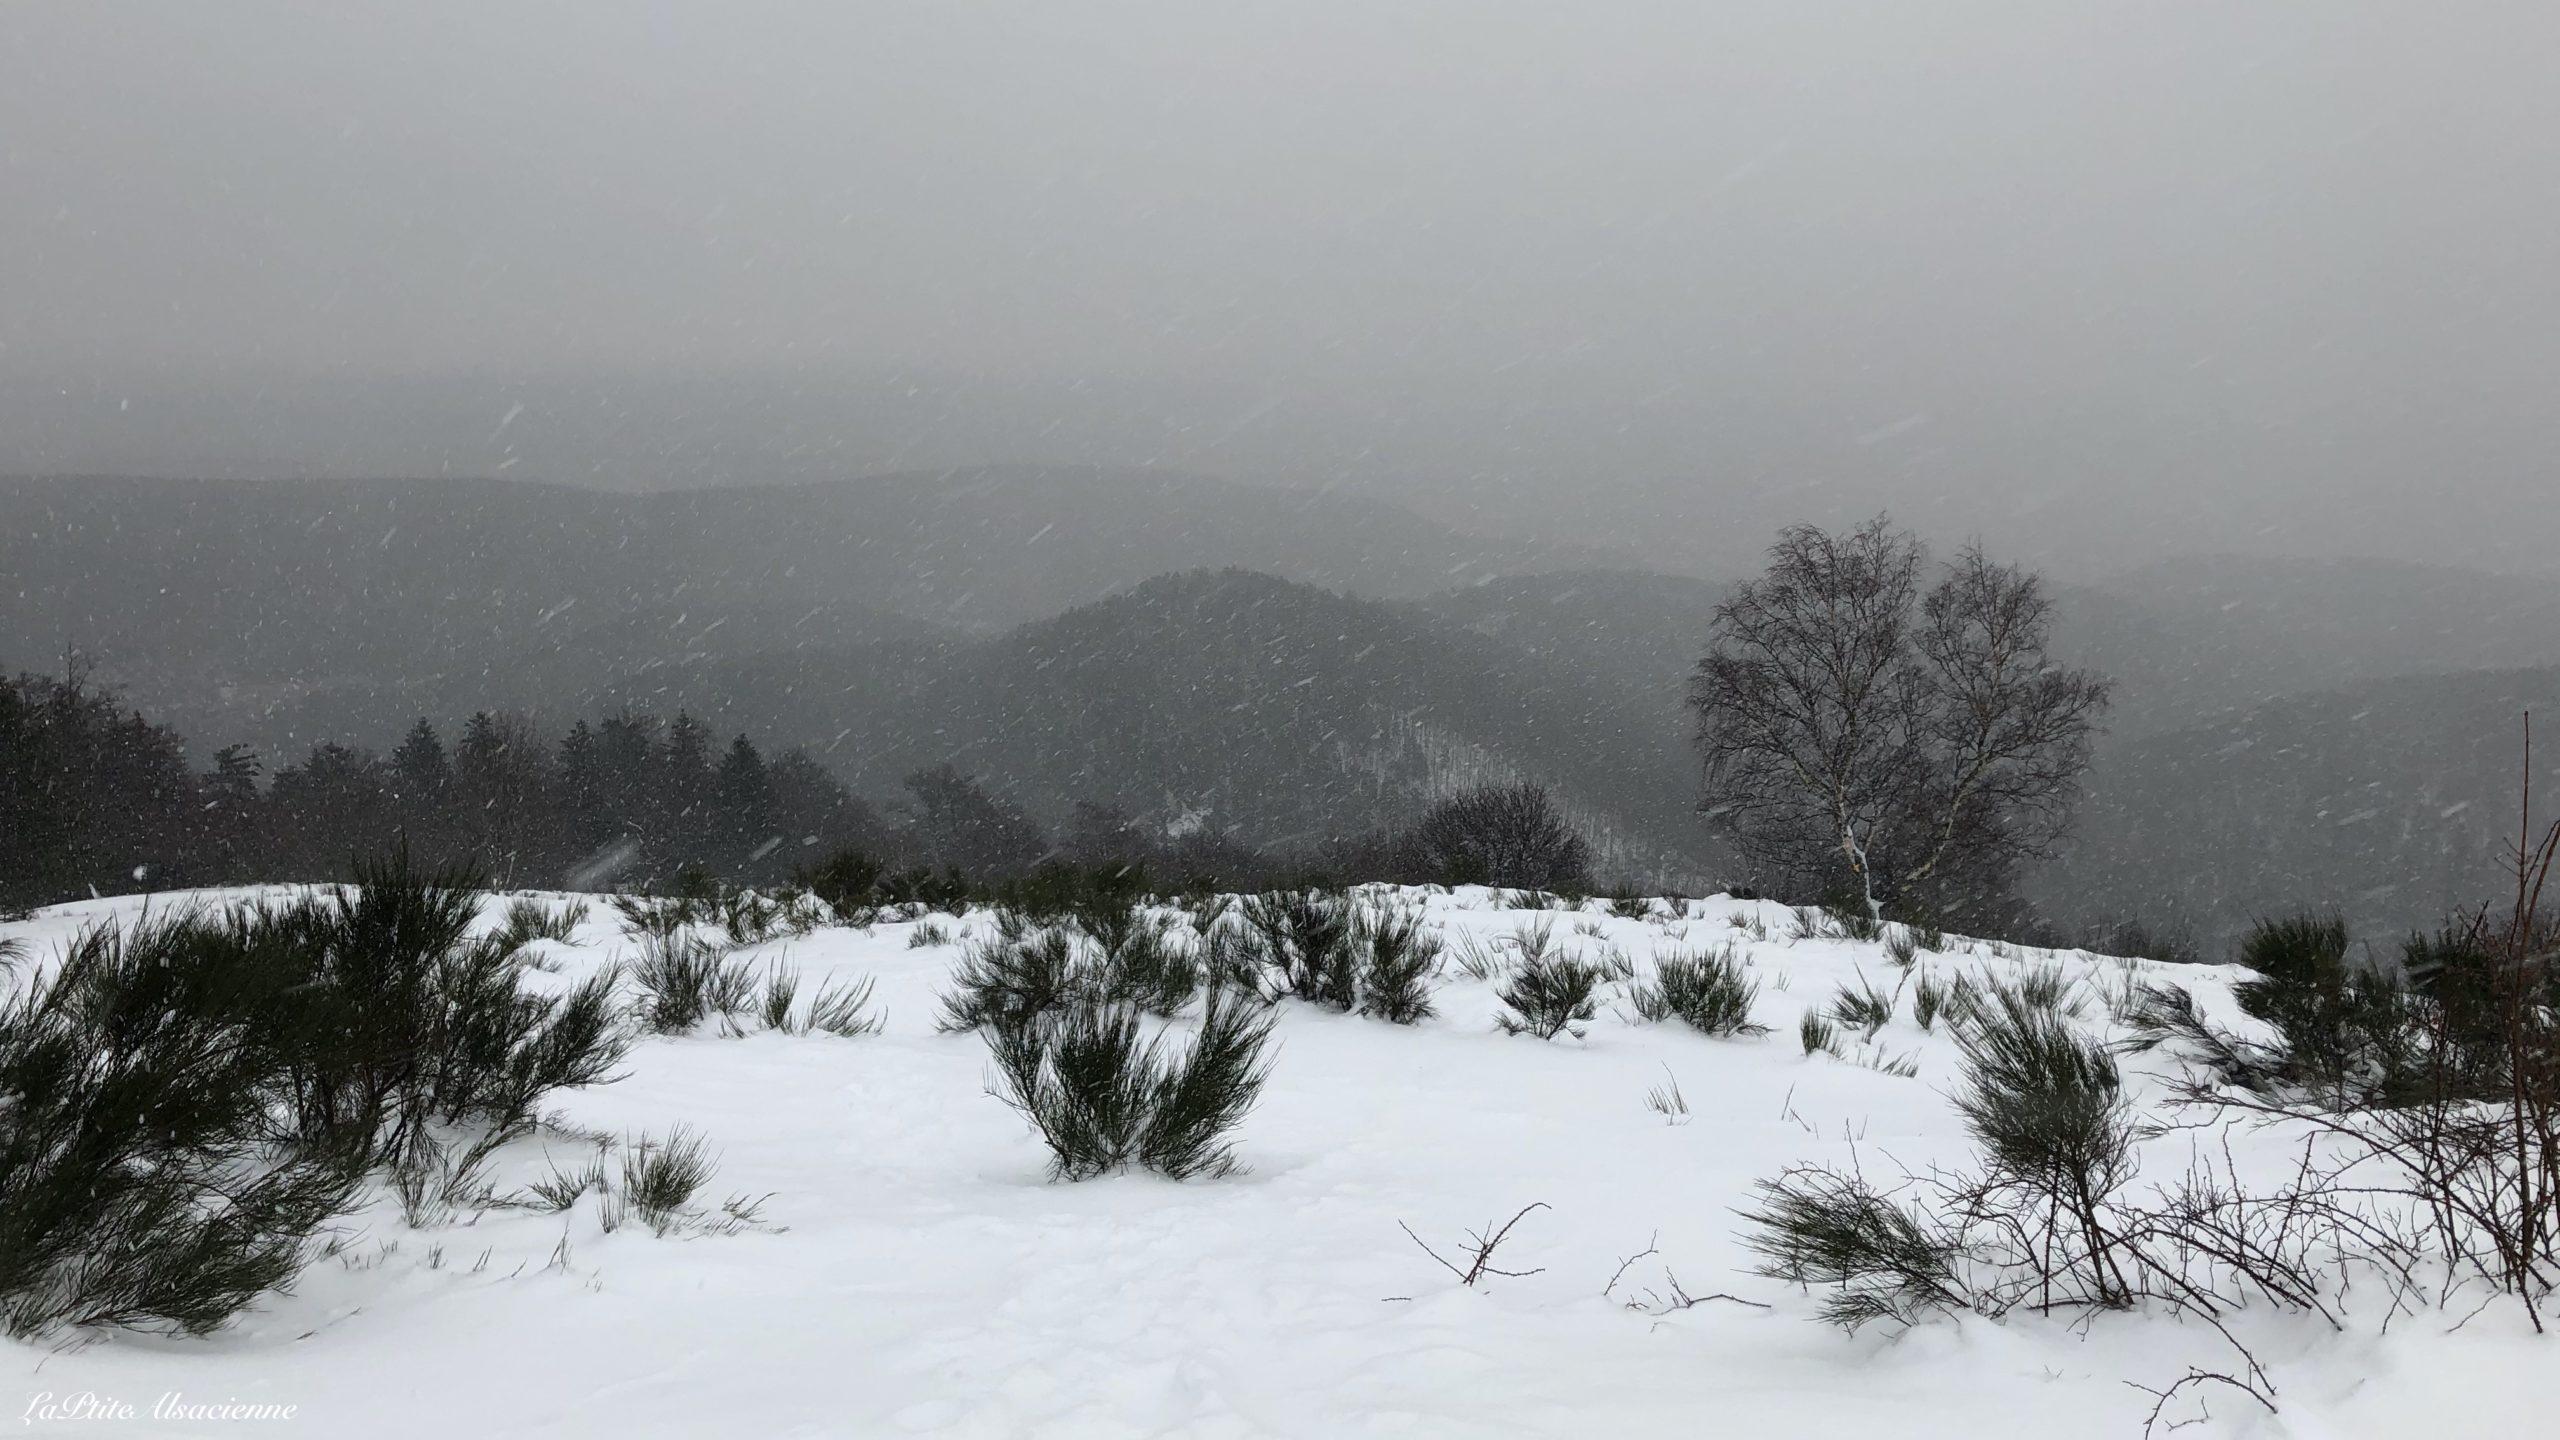 Ebeneck vue sous la neige